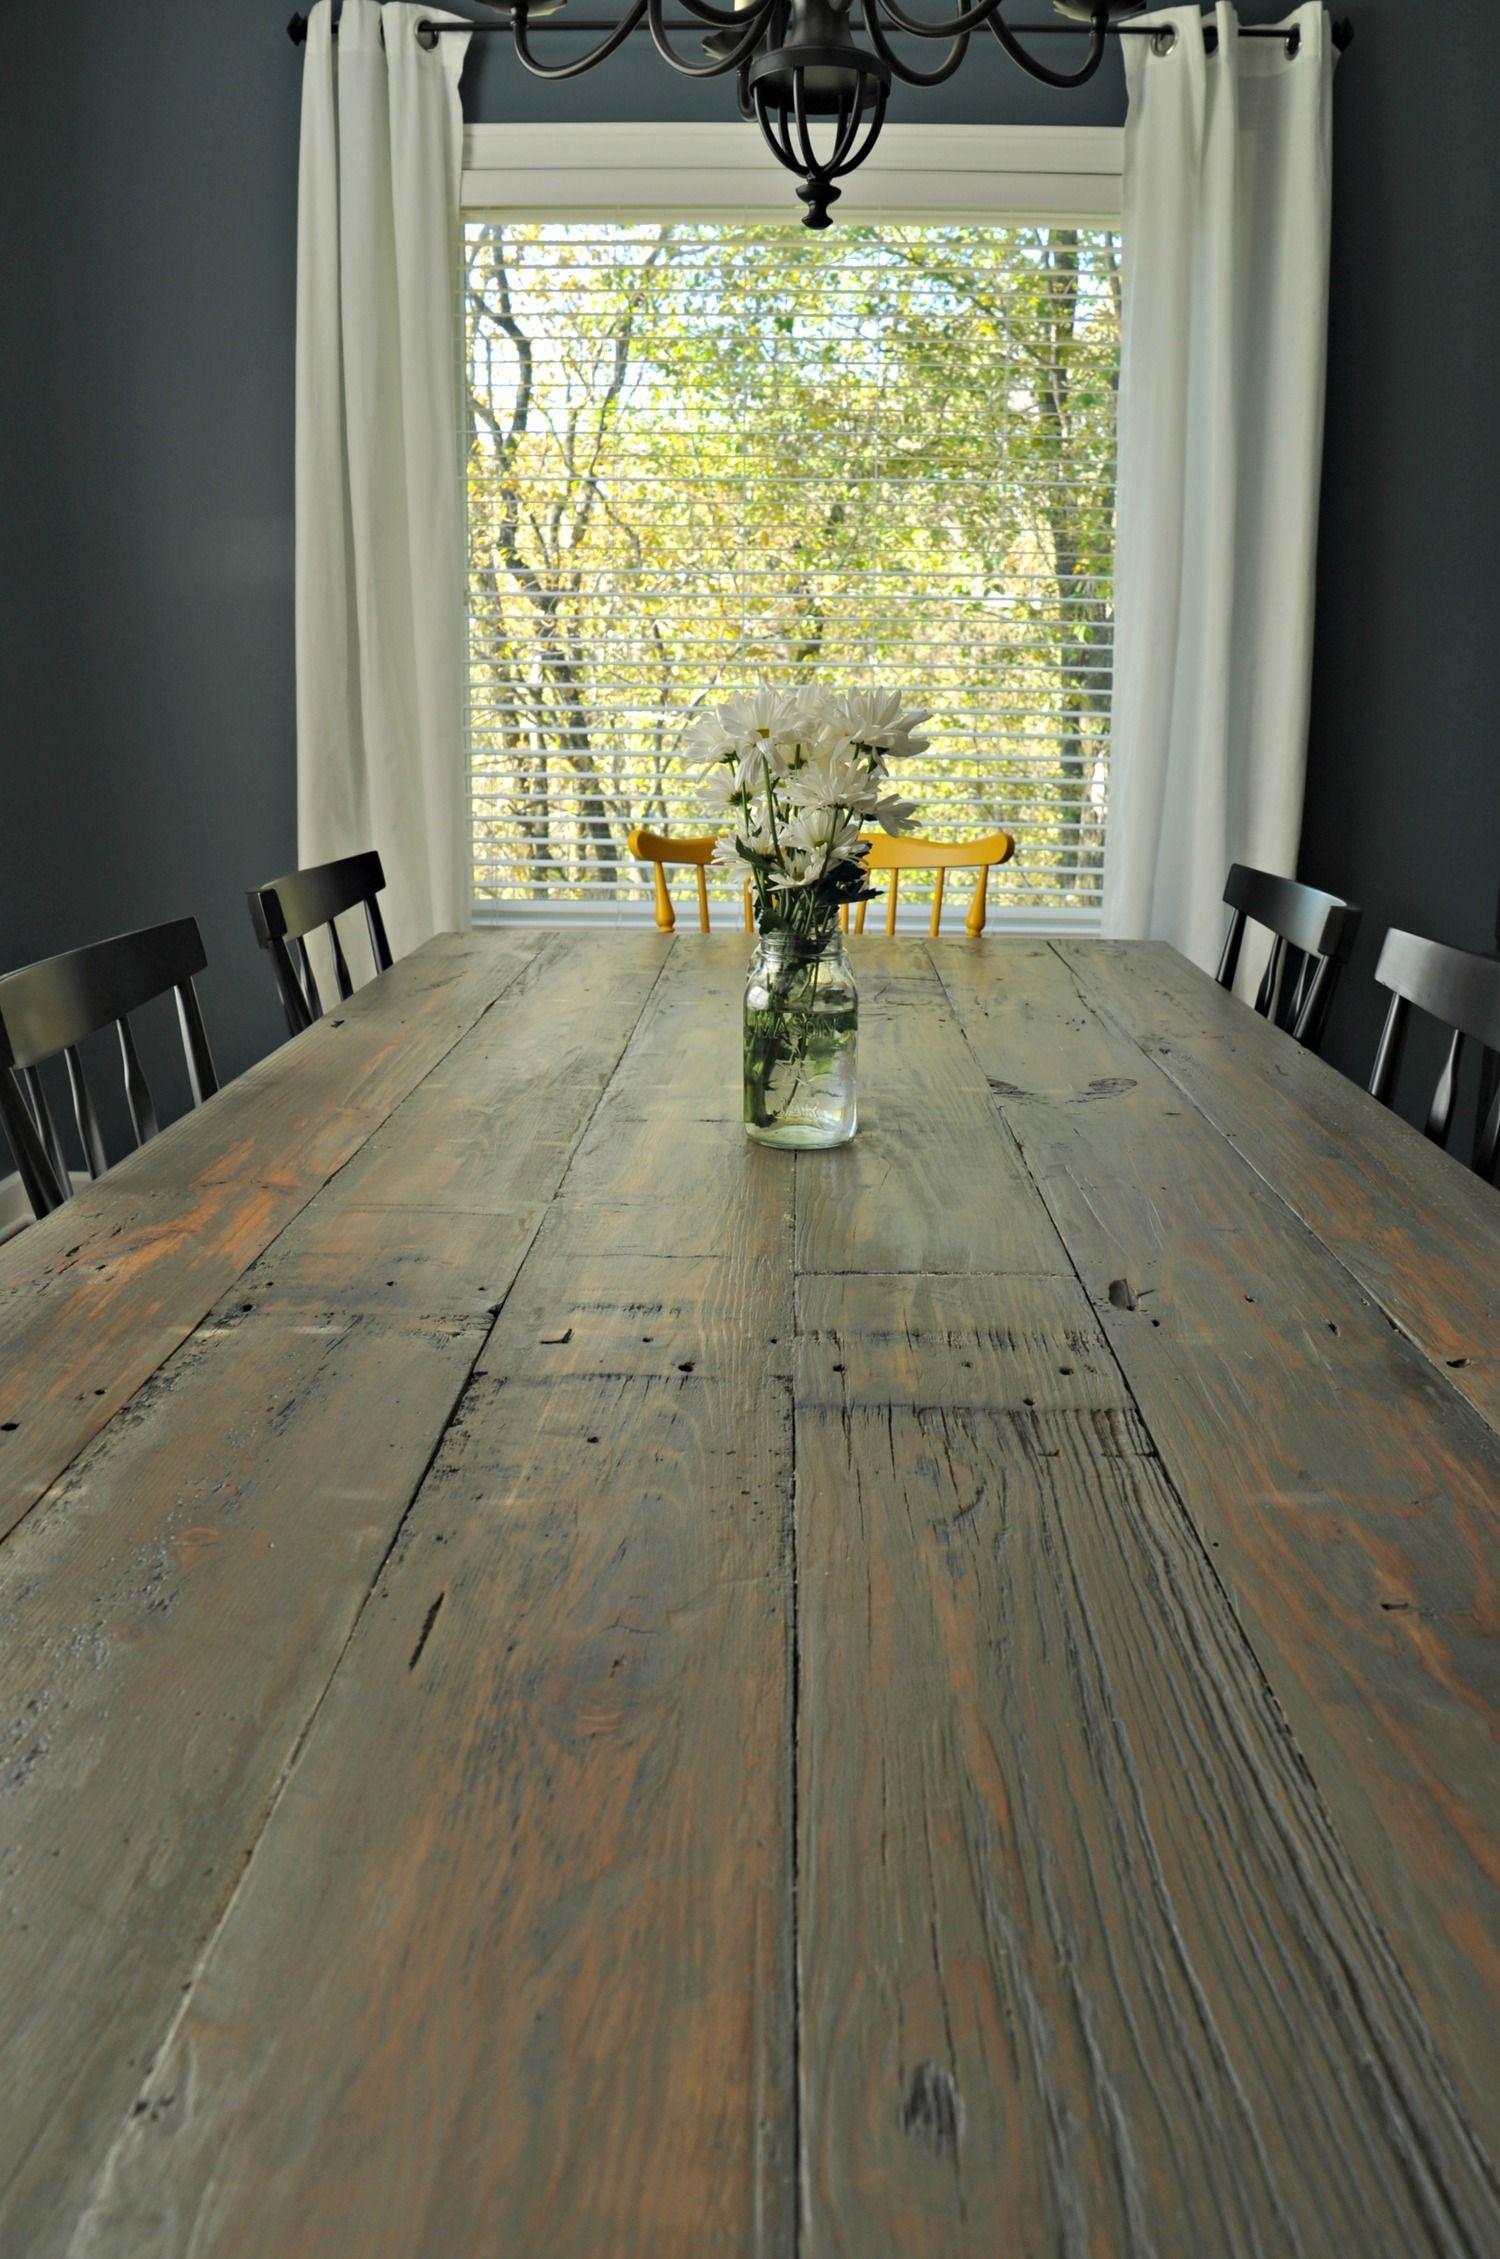 Rustic Farmhouse Dining Table Farmhouse table, Decor